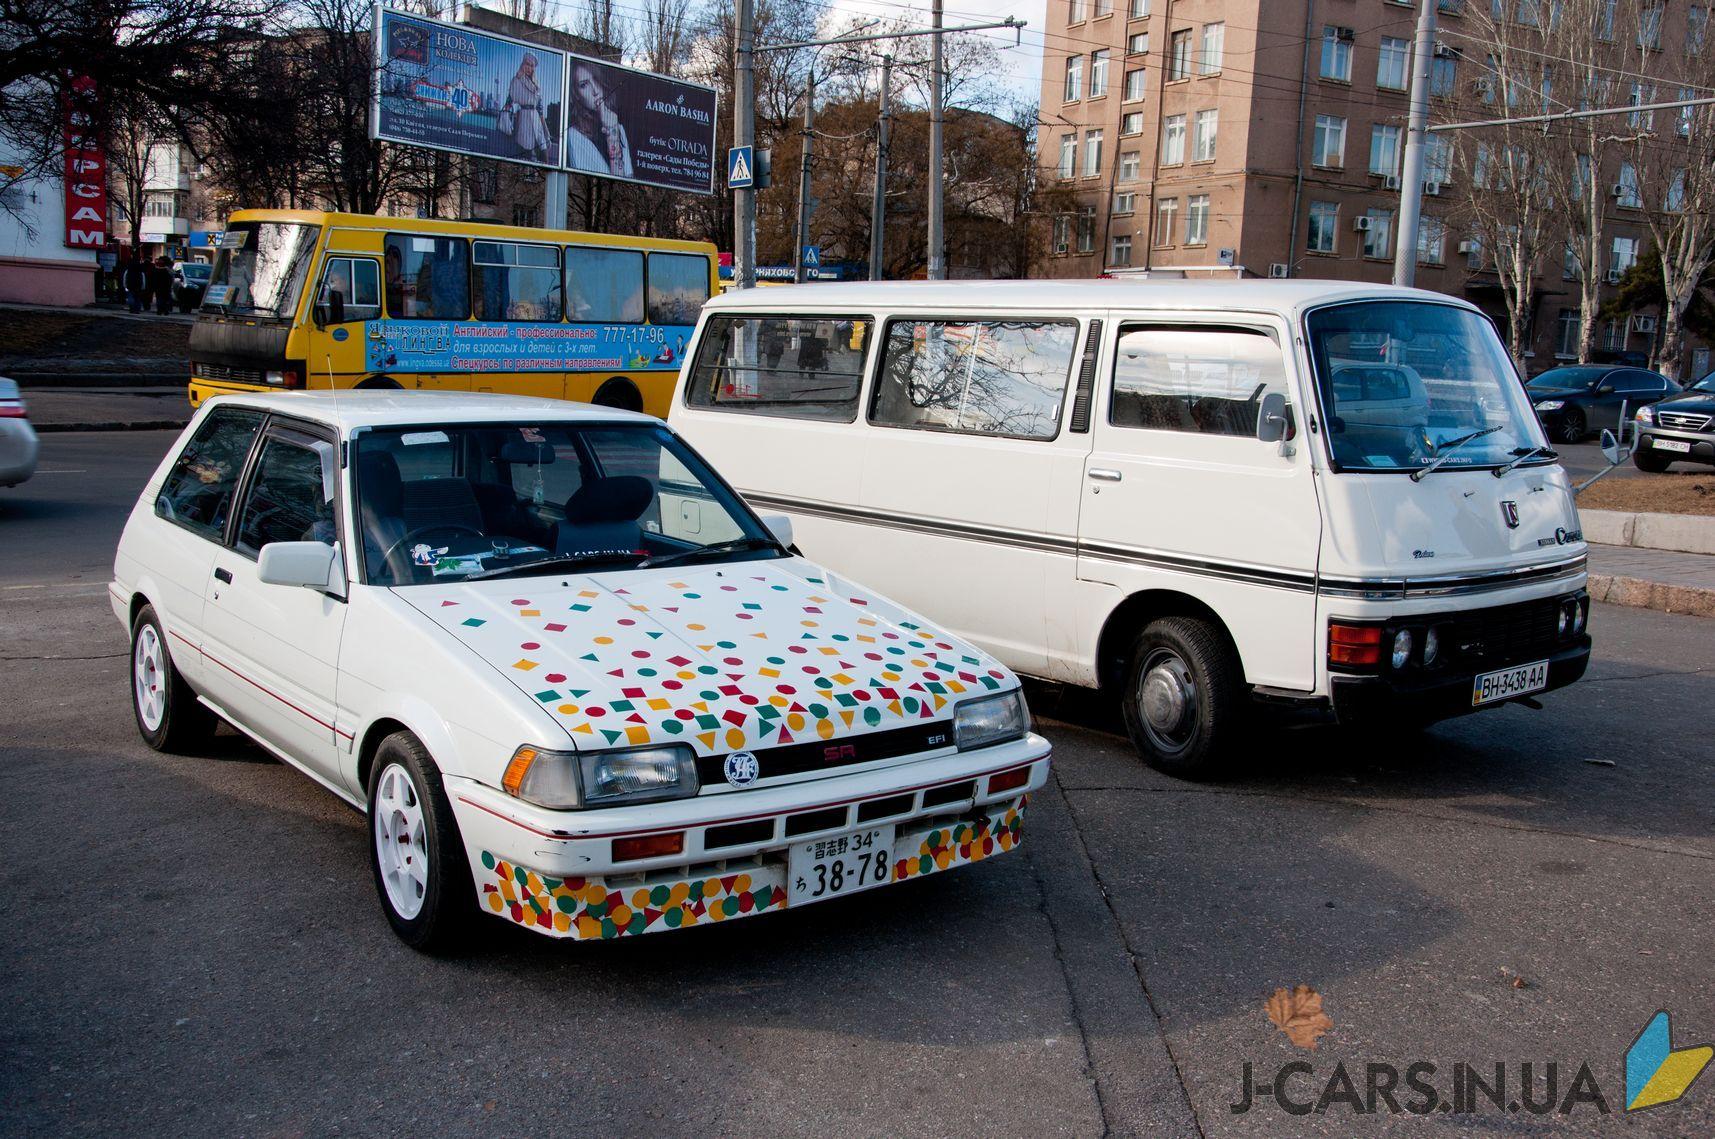 j-cars.in.ua ae82